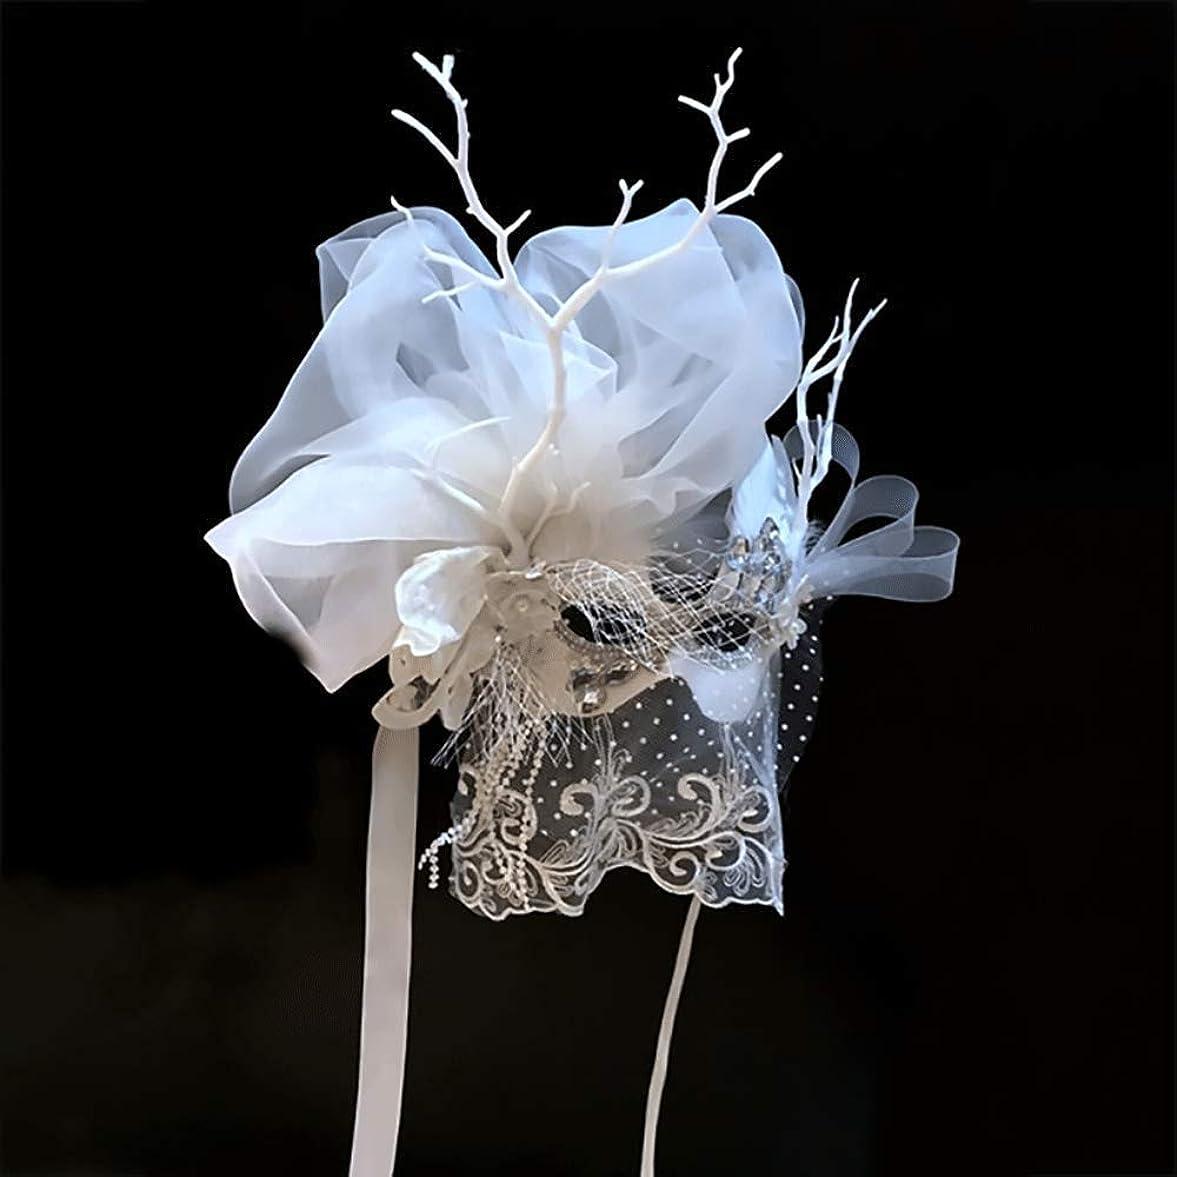 目的ホールドセミナーNanle ハロウィンラグジュアリーマスカレードマスクメタルラインストーンイブニングパーティーVenetian Mardi Gras Party Mask (色 : 白)